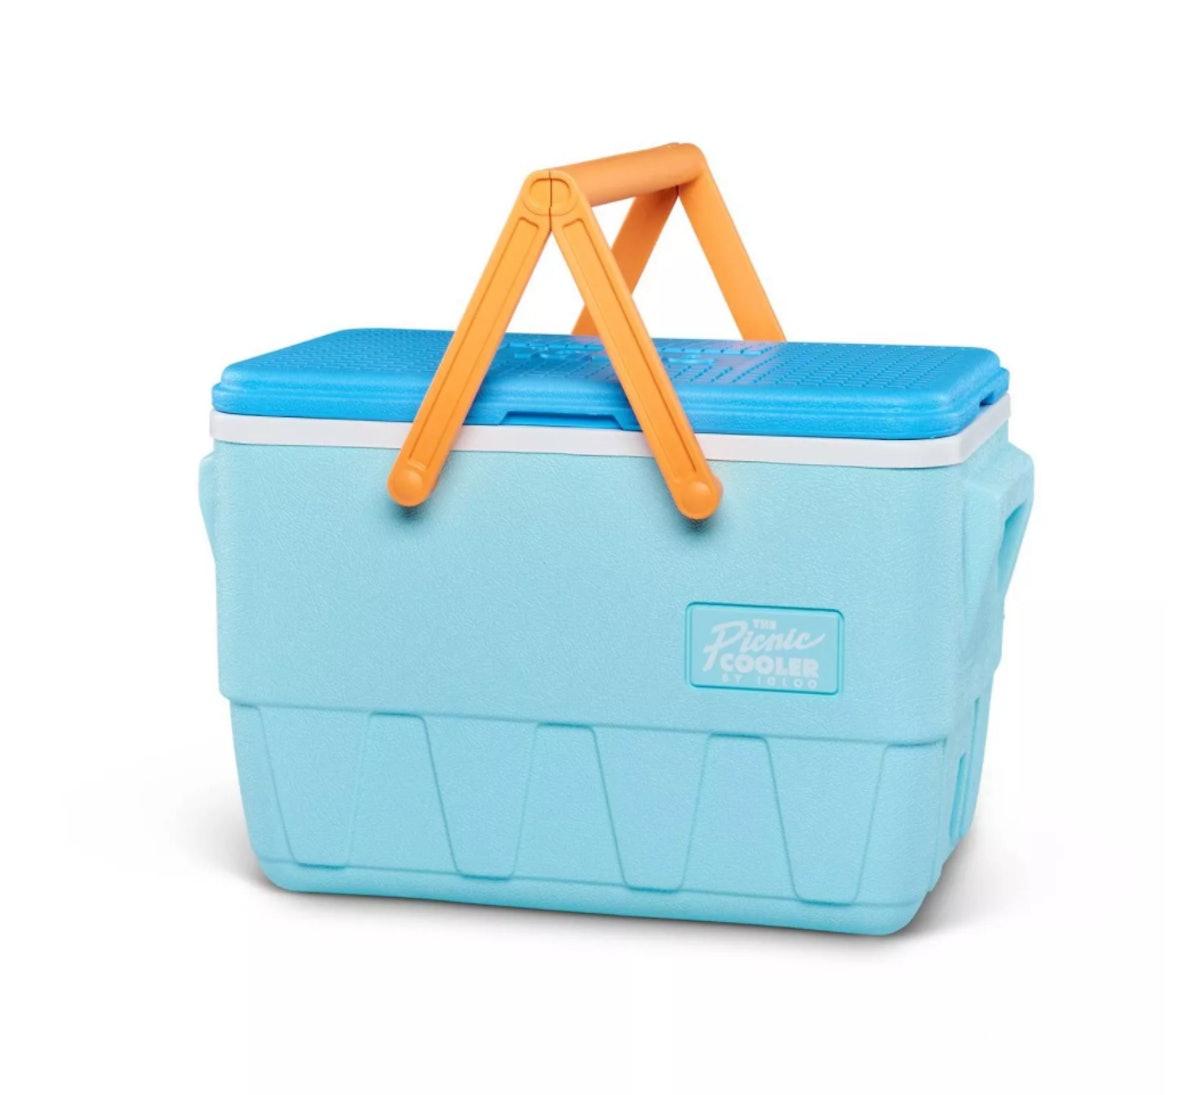 Mint Igloo Retro Picnic Basket Cooler